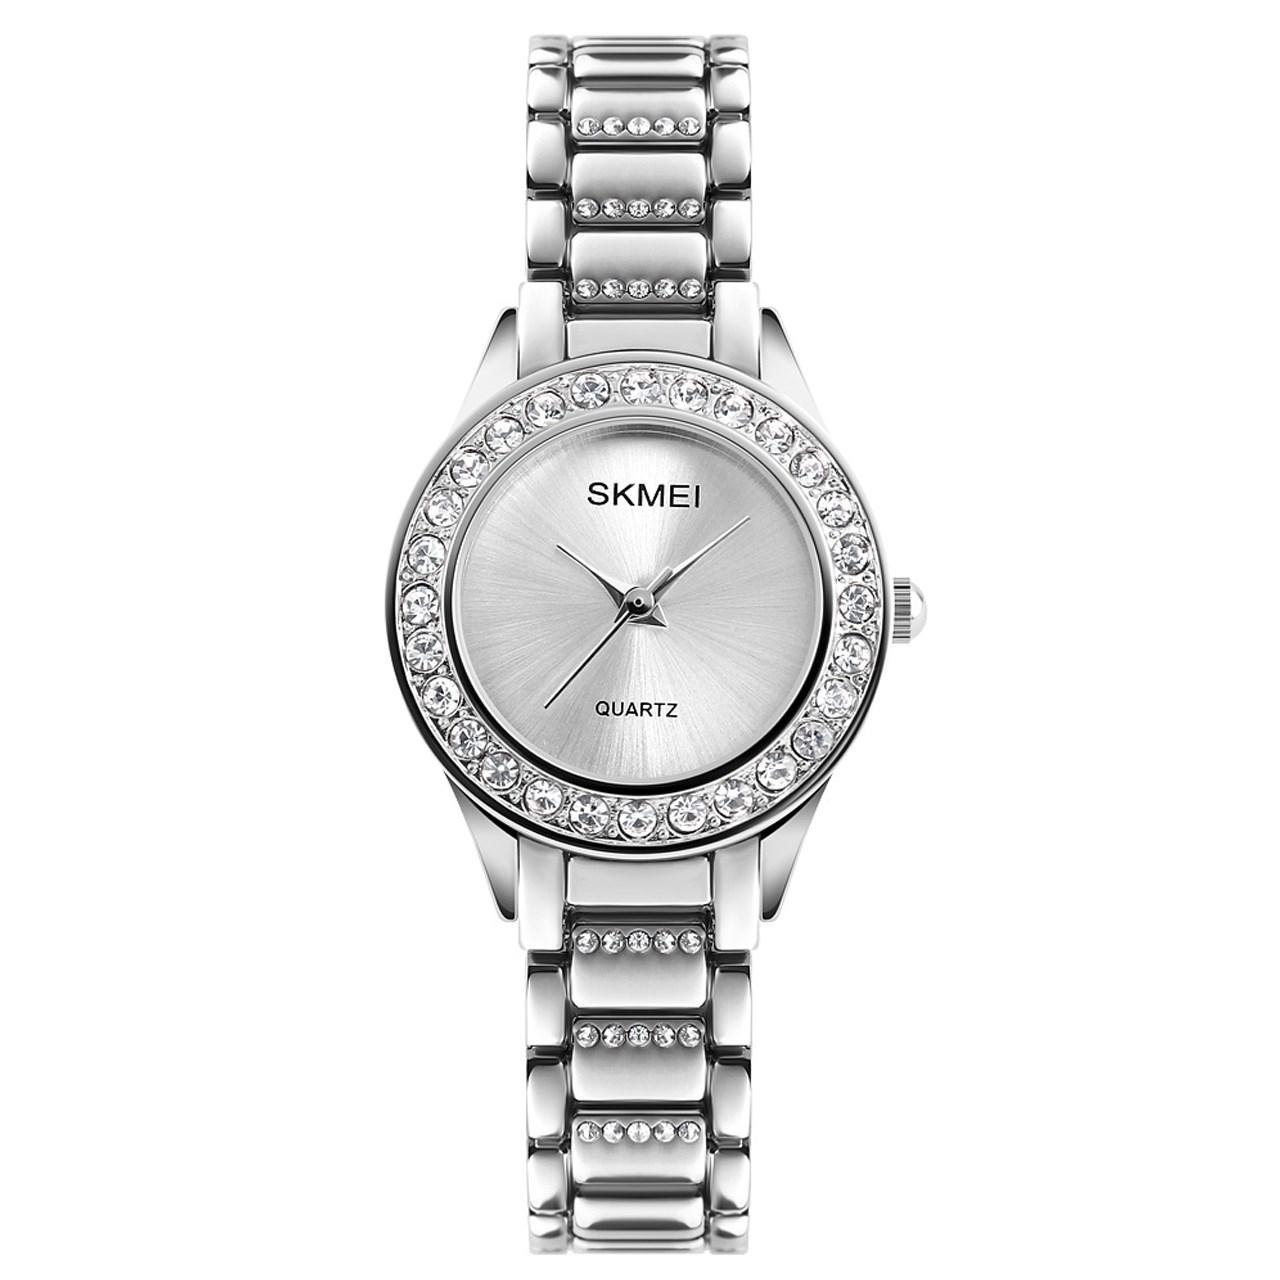 ساعت مچی  عقربه ای زنانه اسکمی مدل 1262 کد 02 30